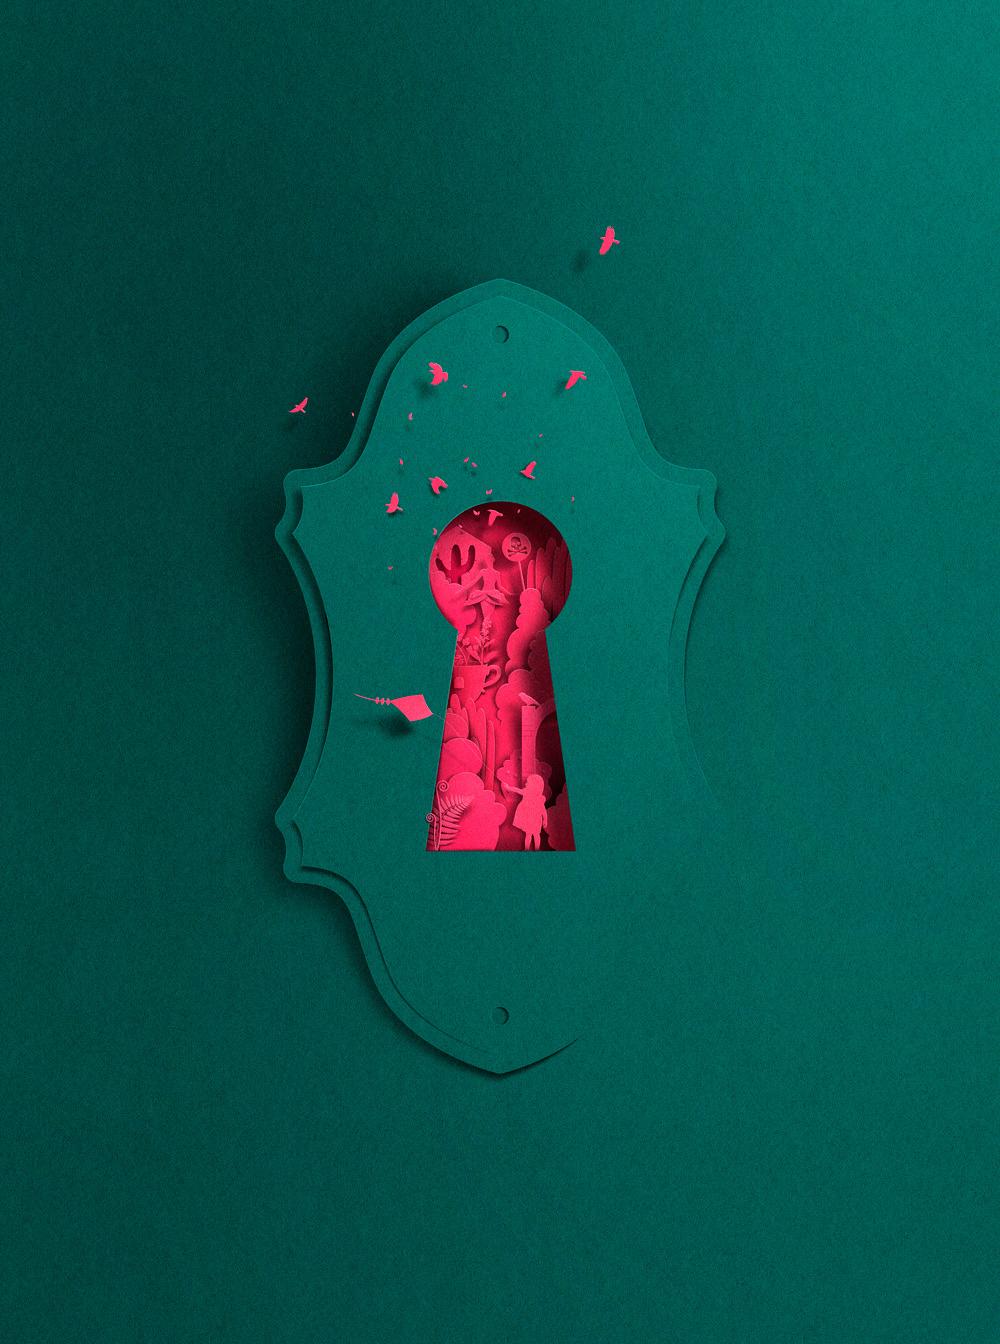 La paper art minimale di Eiko Ojala | Collater.al 20